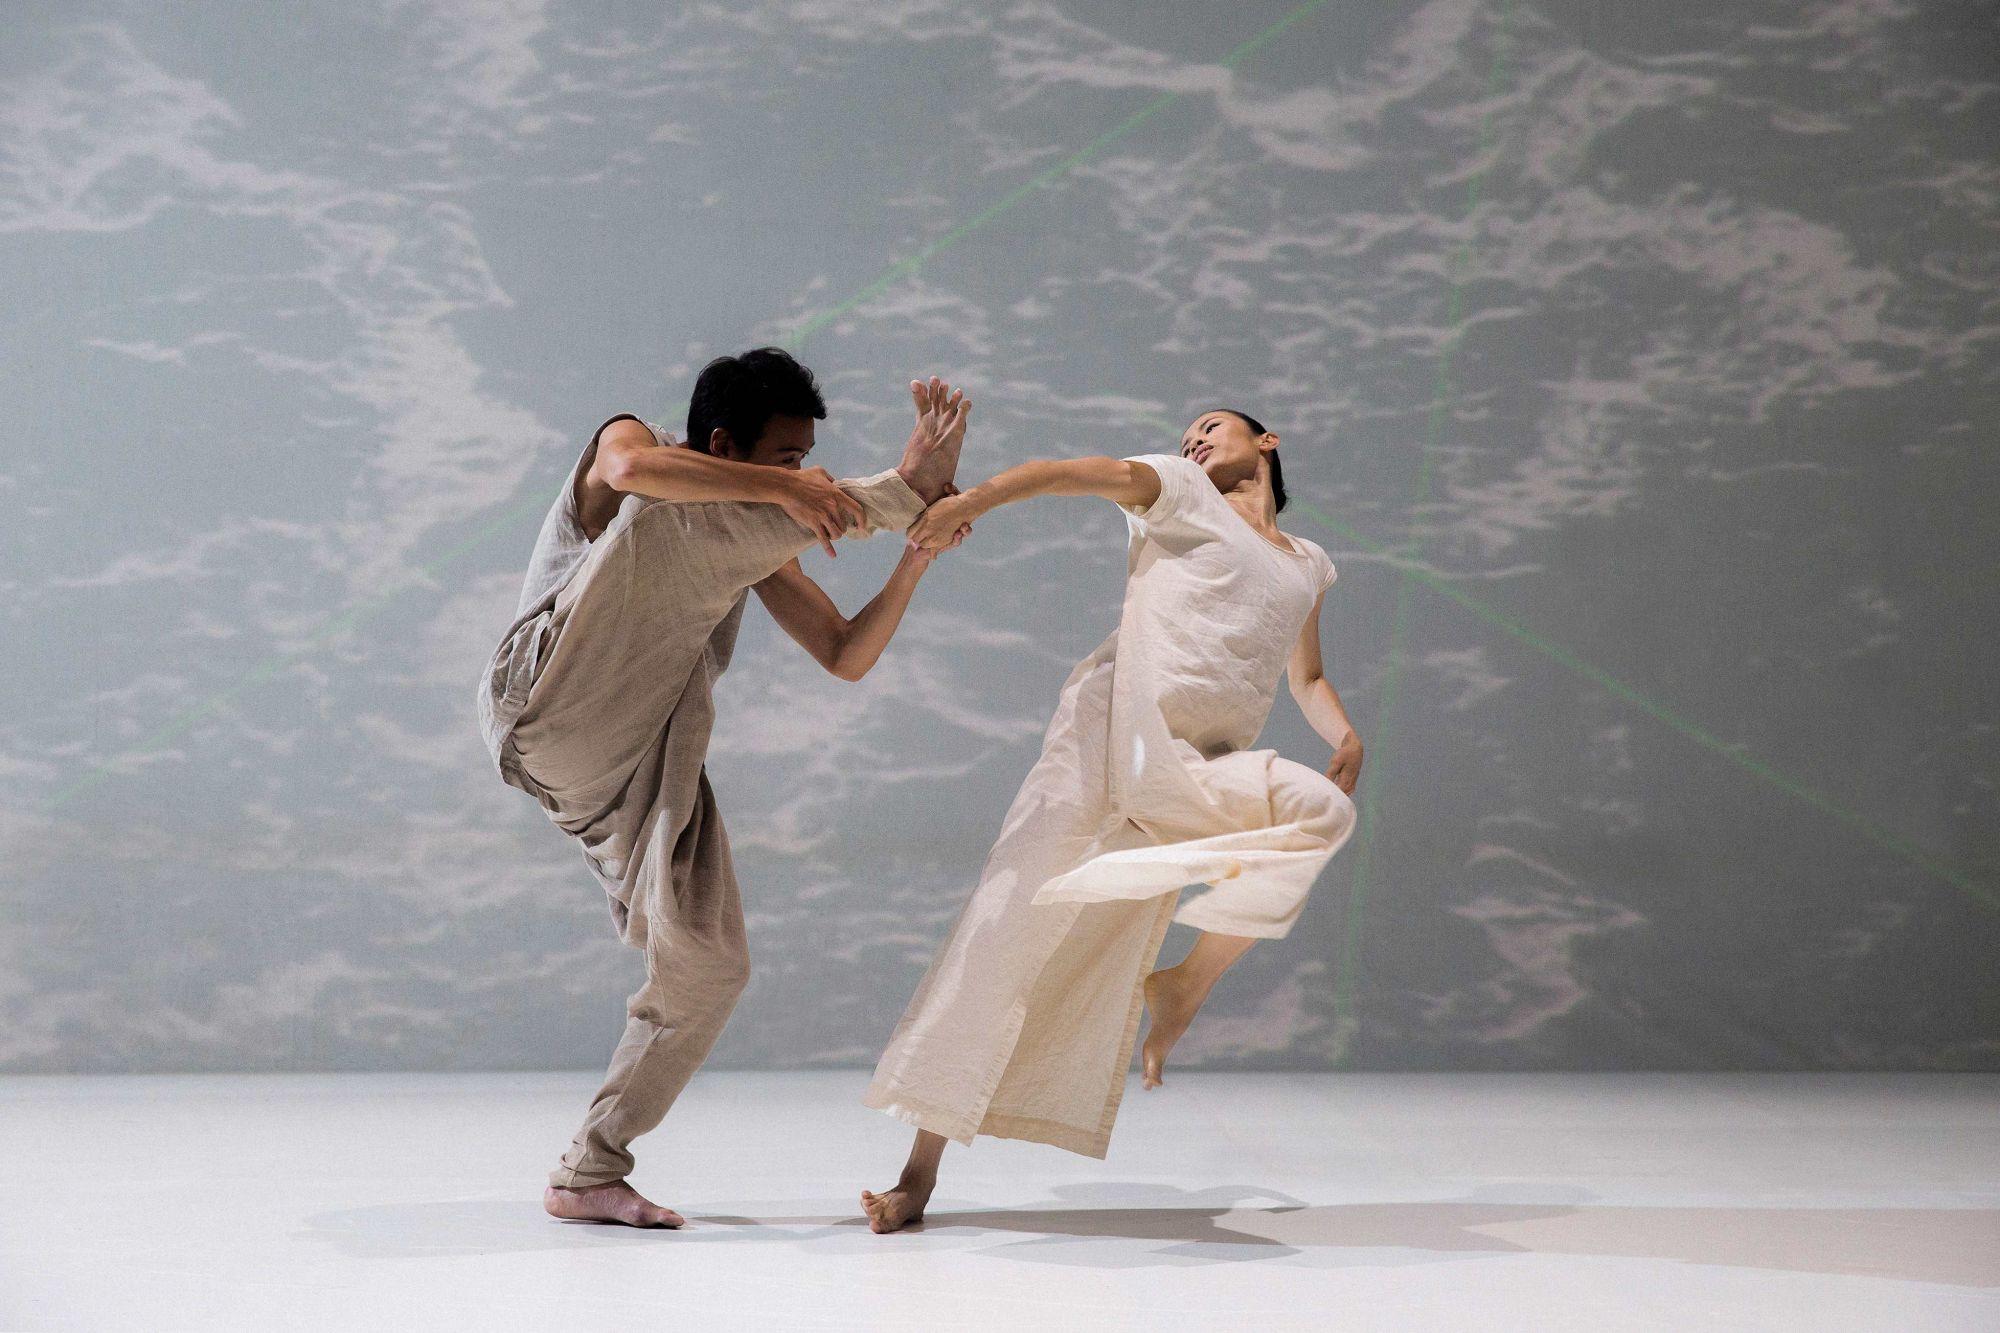 台灣社會的共同記憶與驕傲!雲門舞集全球線上首播:鄭宗龍《毛月亮》、《林懷民舞作精選》